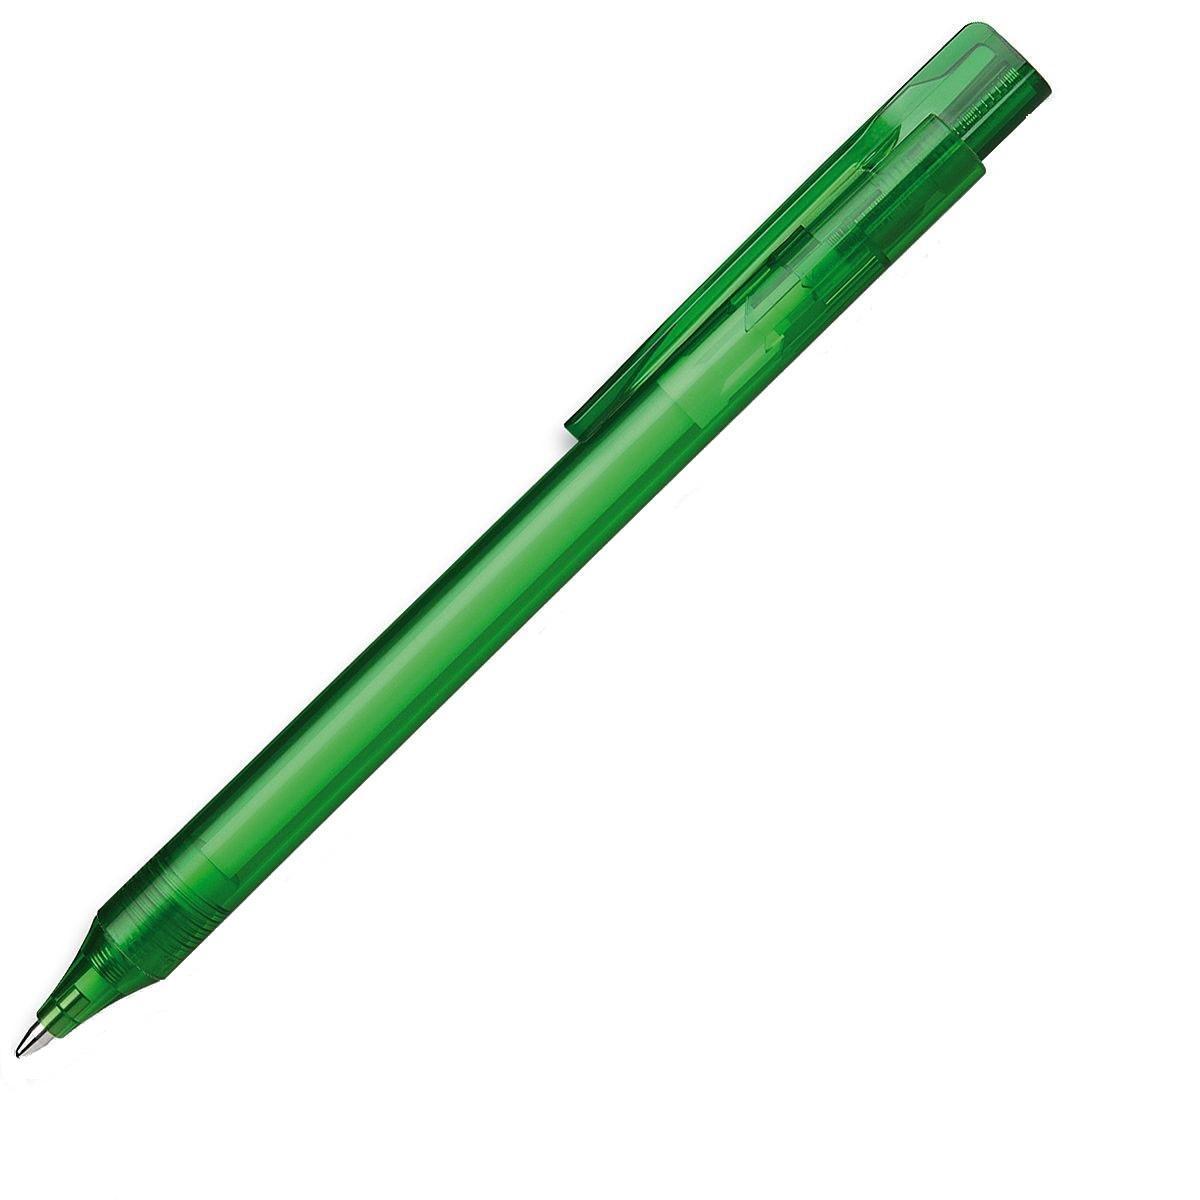 Ручка шариковая Essential, M - 0,5 мм, корпус зеленый прозрачный; синий цвет чернил.S937399/44 S937399-01/44